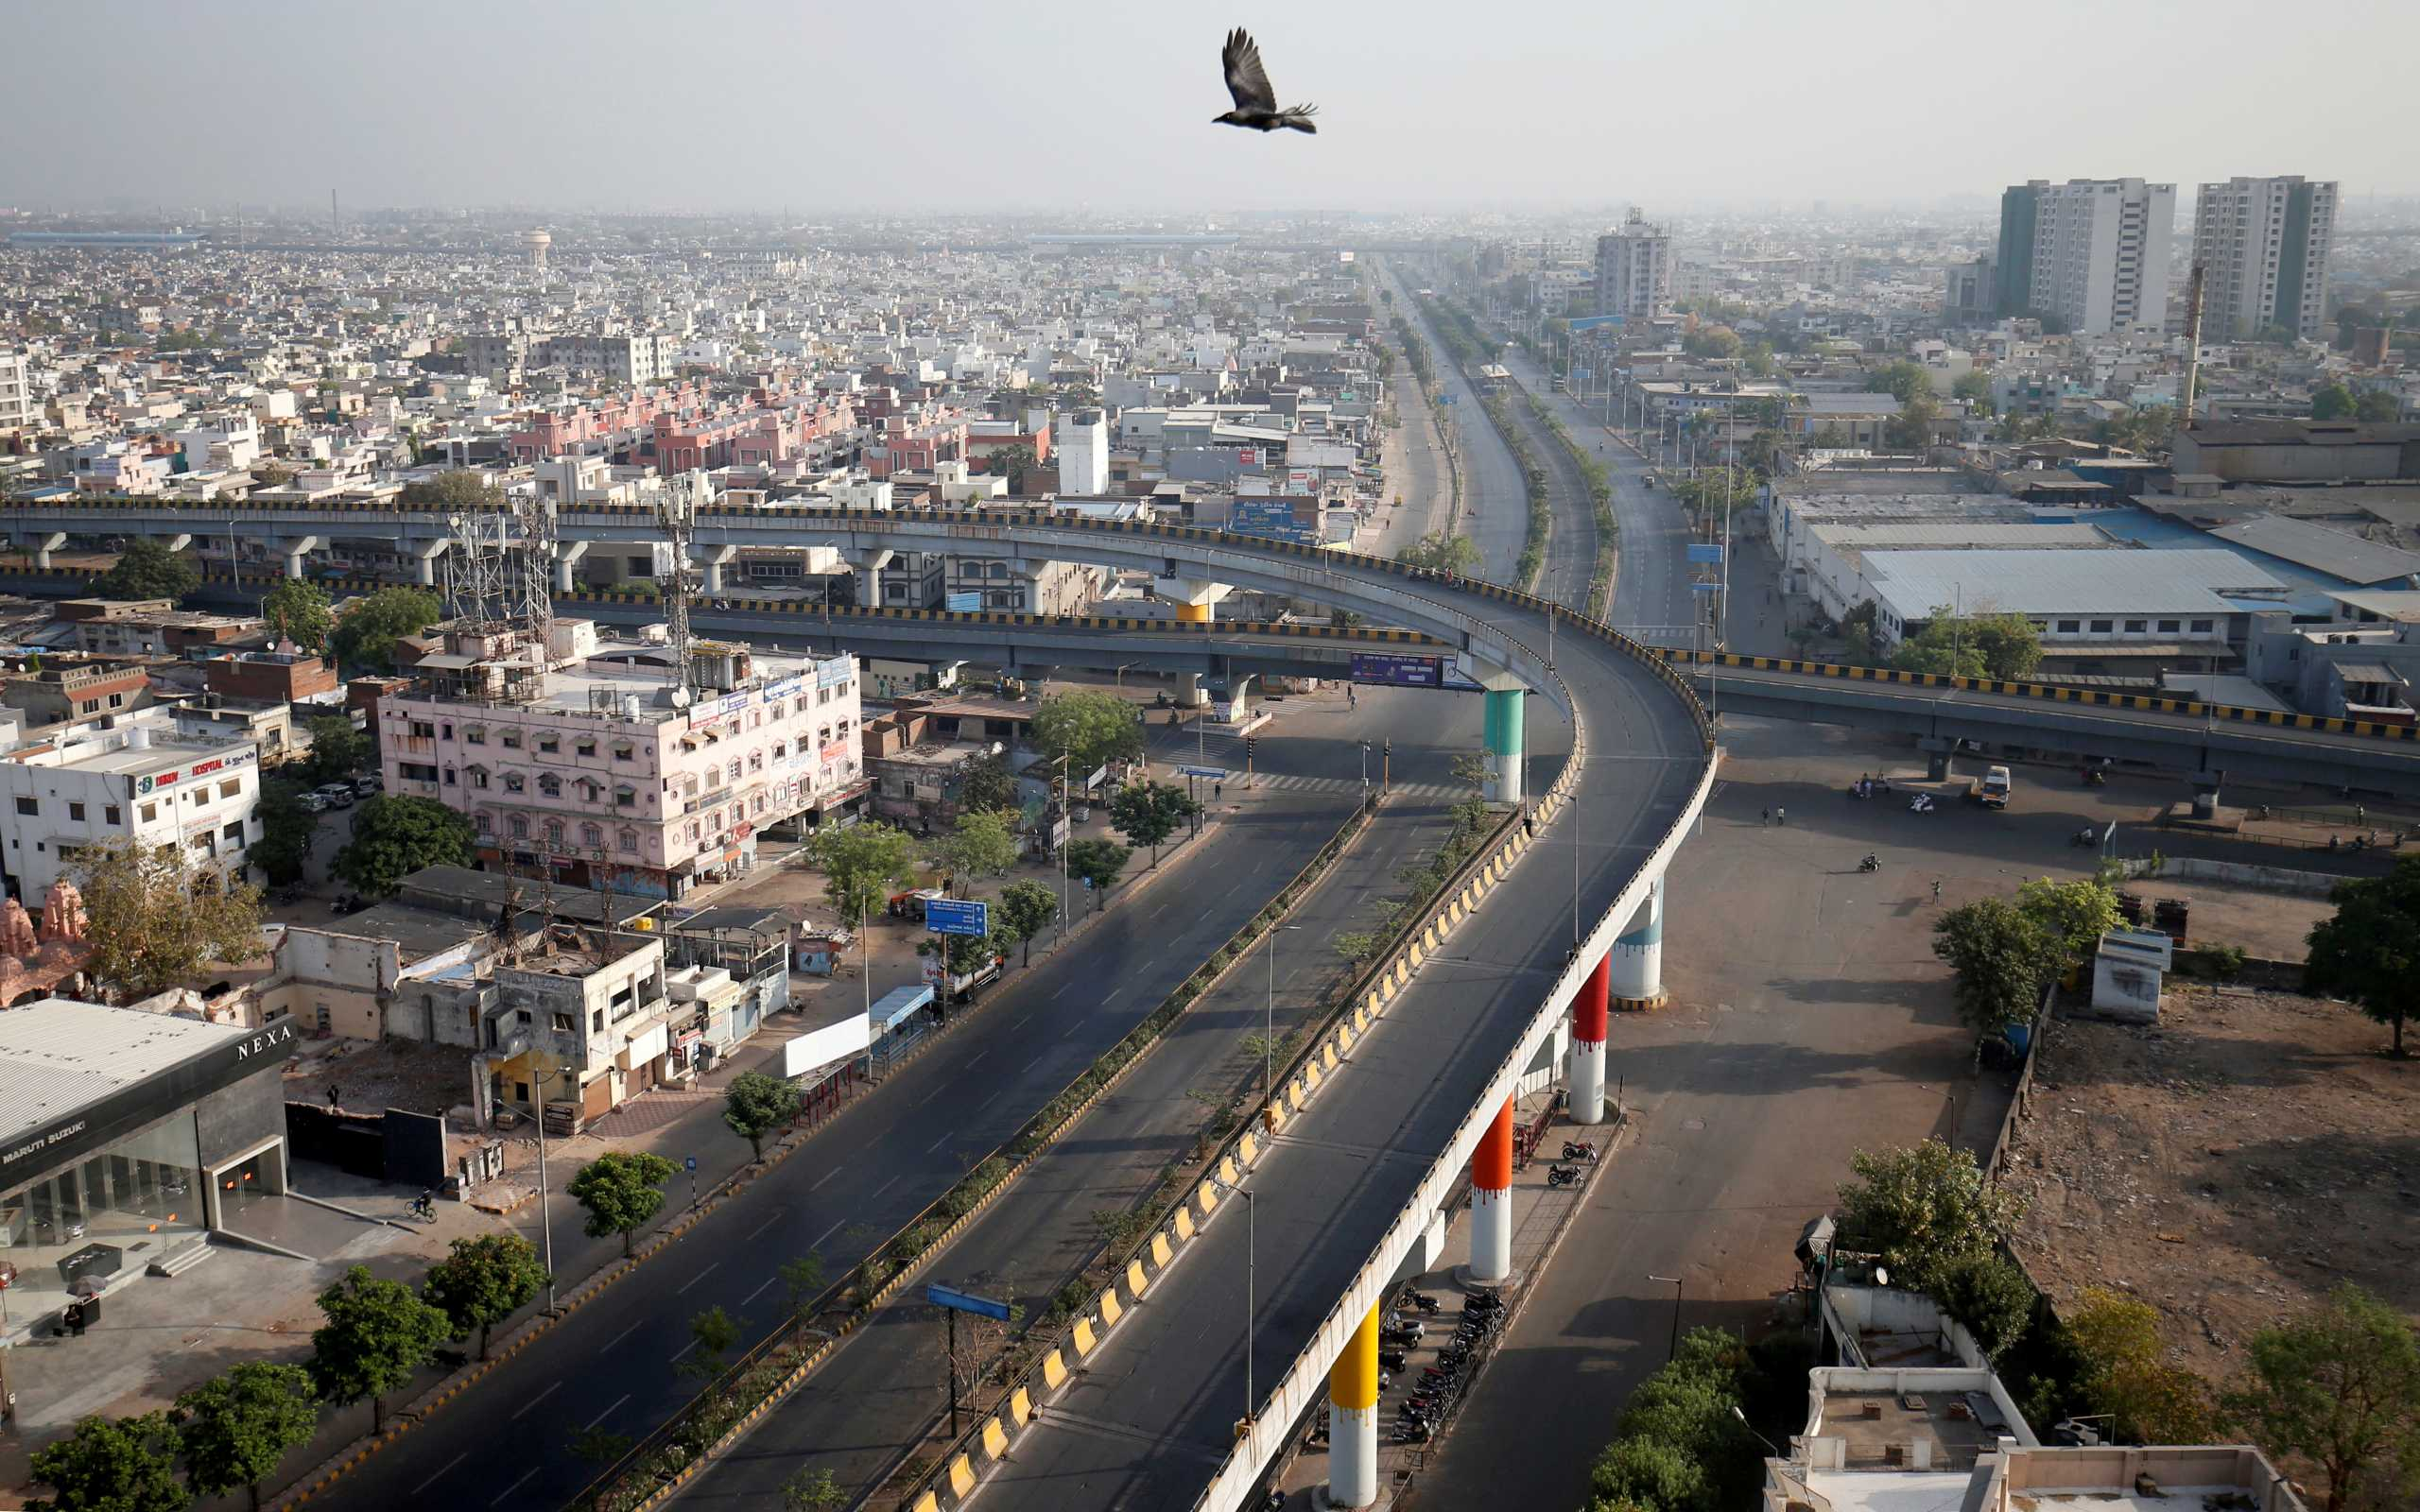 Σε lockdown το Νέο Δελχί μετά τα ασύλληπτα ρεκόρ κρουσμάτων κορονοϊού